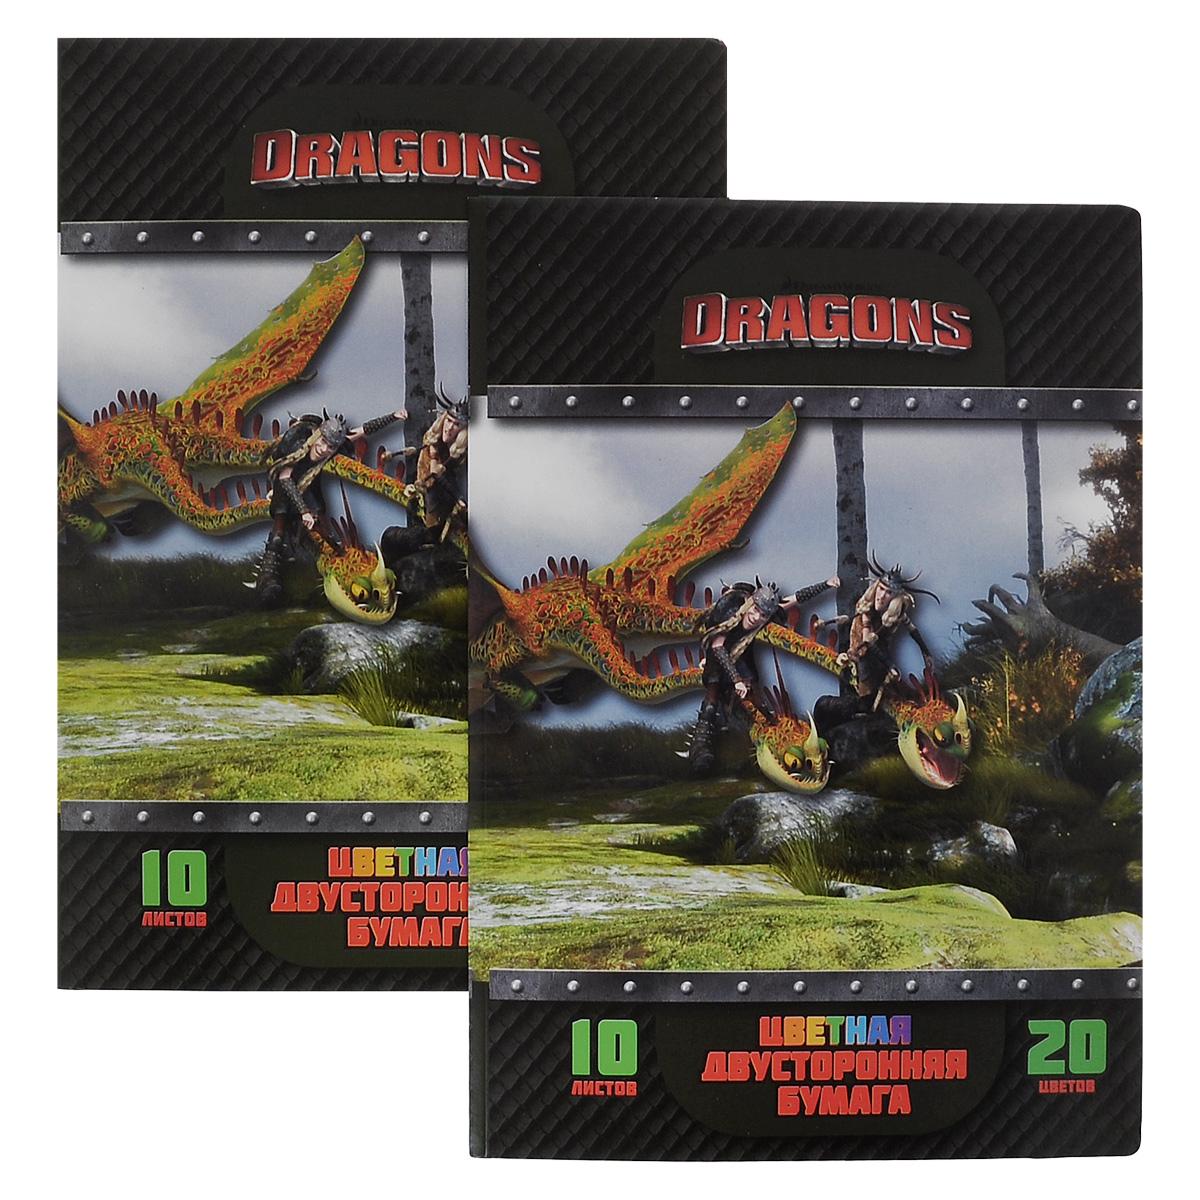 Набор цветной бумаги Dragons, двусторонняя, 20 цветов, 2 шт7710892Набор цветной бумаги Dragons идеально подойдет для занятий в детском саду, школе и дома. Двусторонняя цветная бумага с яркими красками обеспечит максимально удобный и увлекательный творческий процесс. Папка из мелованного картона с изображением героев мультфильма Как приручить дракона на обложке надежно защитит бумажные листы от повреждений. В набор входят цвета: желтый, ярко-желтый, красный, розовый, малиновый, оранжево-красный, голубой, синий,сиреневый, фиолетовый,темно-синий, темно-зеленый, черный, серый, оранжевый, темно-оранжевый, светло-зеленый, салатовый.В комплект входит два набора по 20 цветов.Формат листов А4.УВАЖАЕМЫЕ КЛИЕНТЫ!Обращаем ваше внимание на то, что товар может поступать в двух дизайнах!